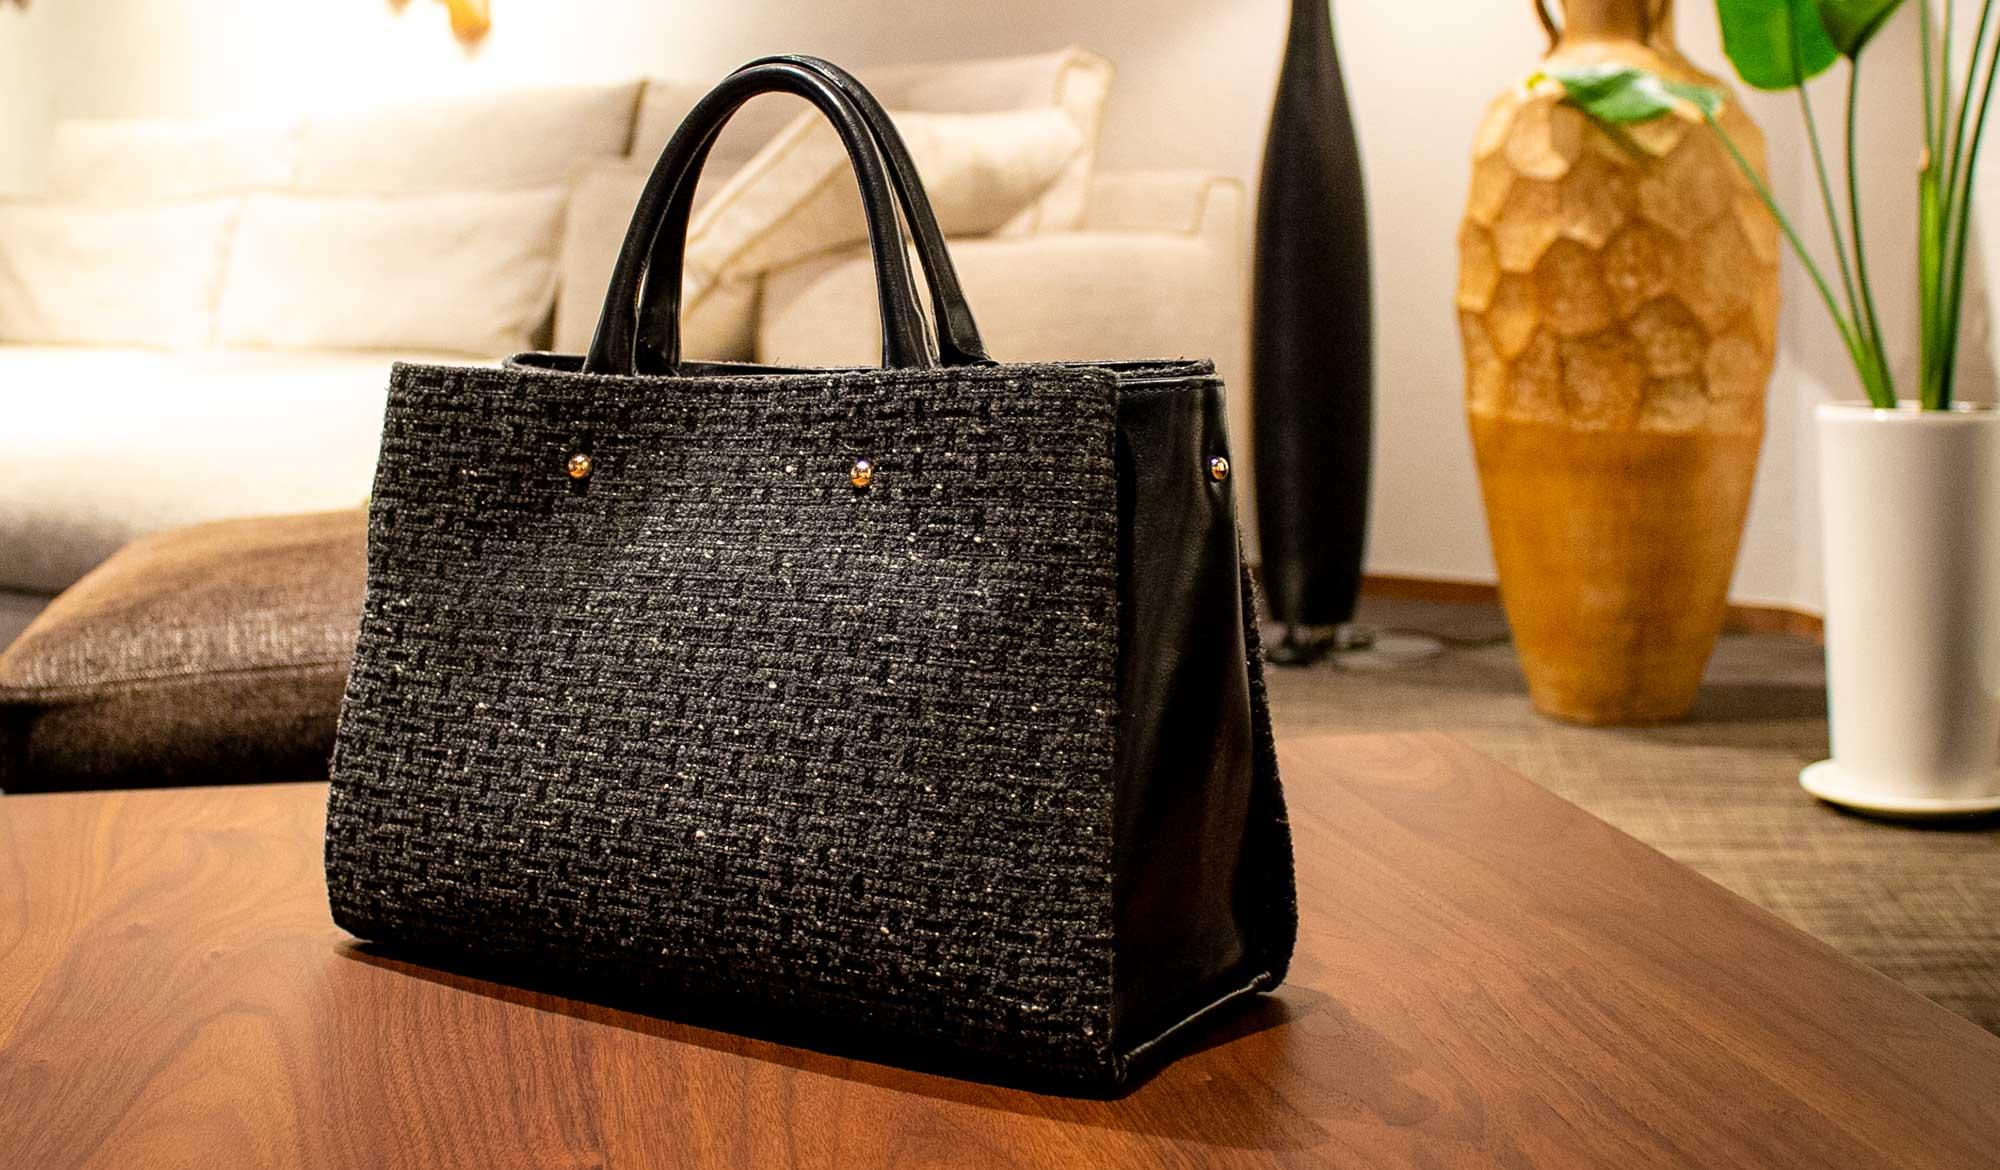 温かみのある美しいツイード、秋冬コーデにぴったりのエレガントで大人可愛い本革バッグ。